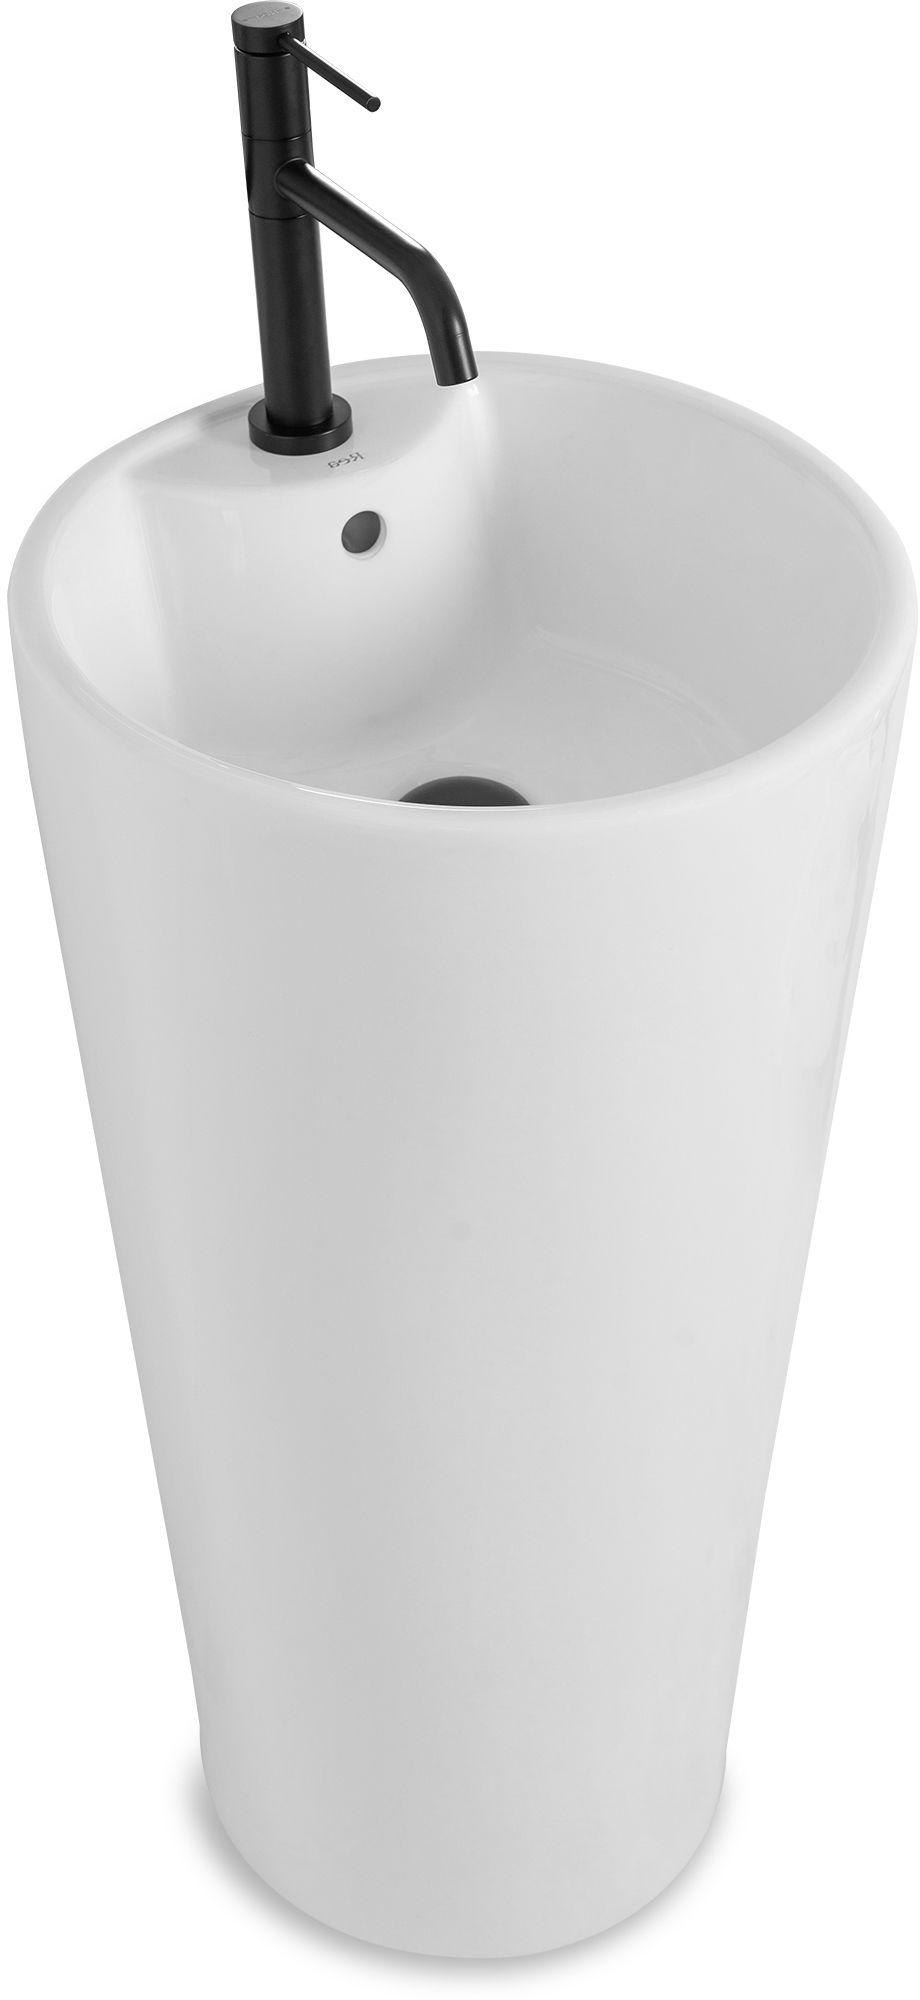 Rea Umywalka Ceramiczna Wolnostojąca BLANKA